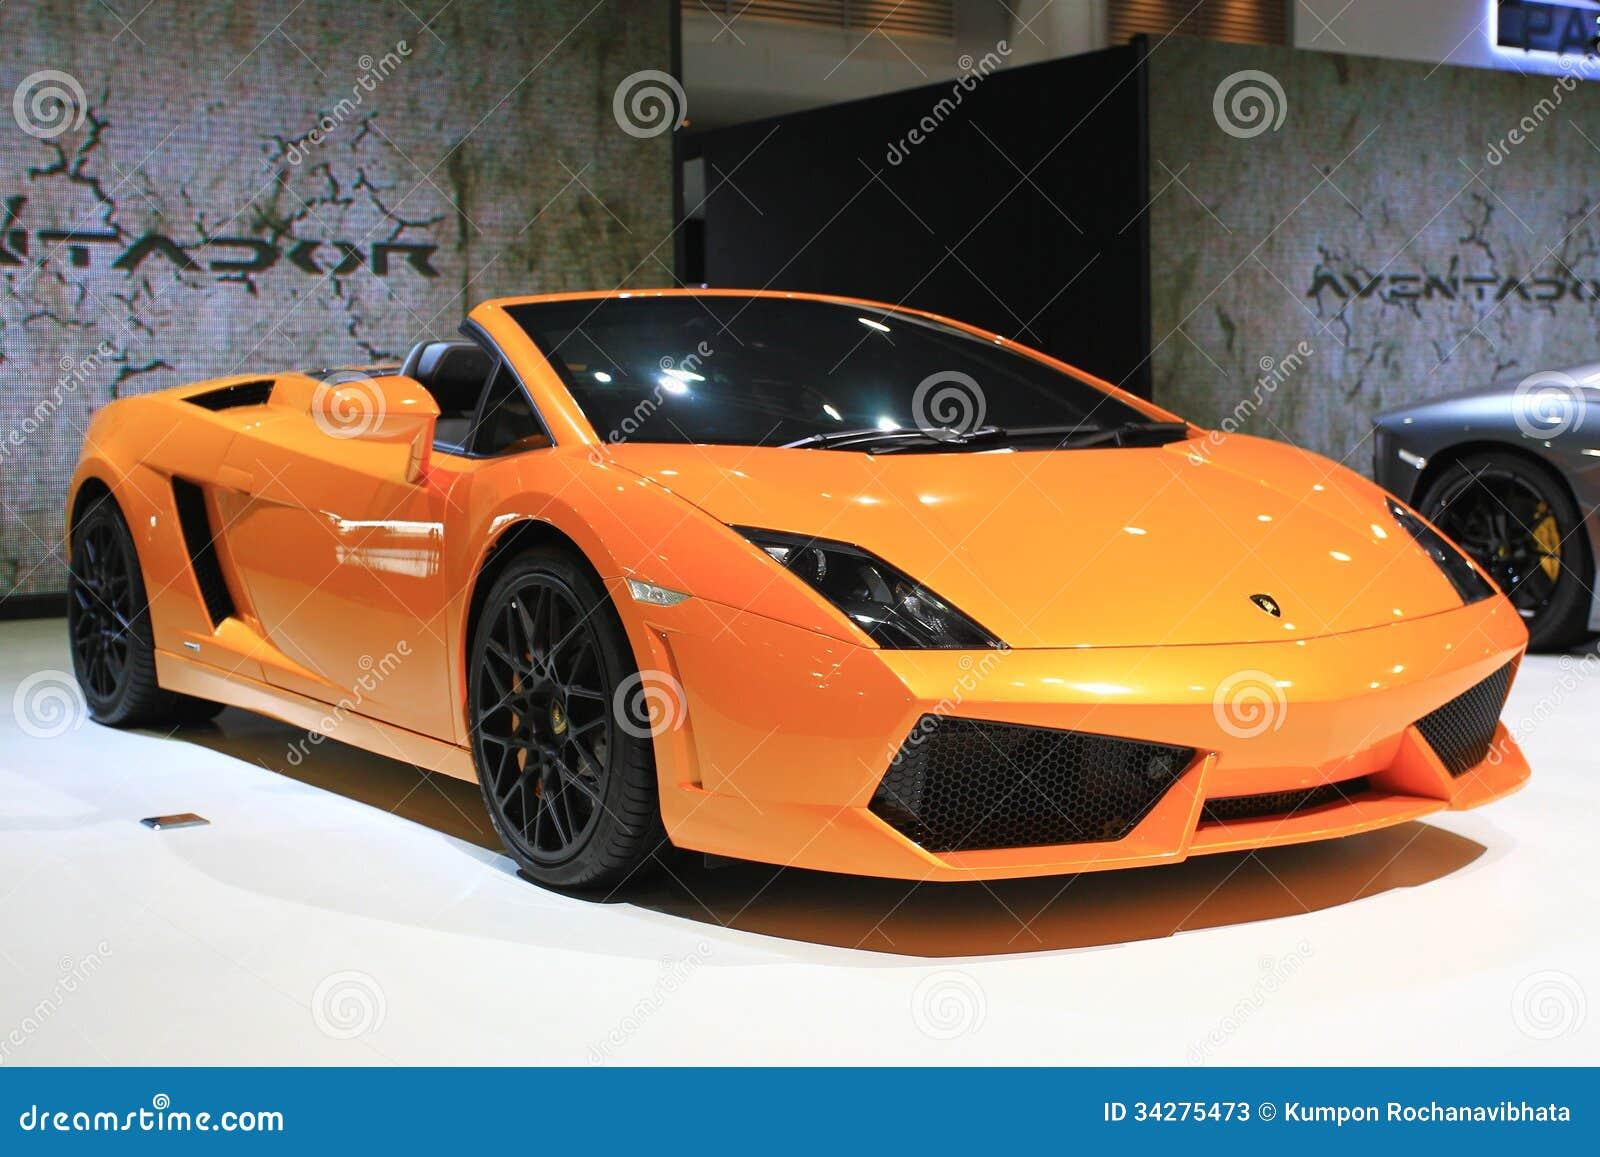 Αυτόματο σαλόνι της Μπανγκόκ σπορ αυτοκίνητο Lamborghini AVENTADOR